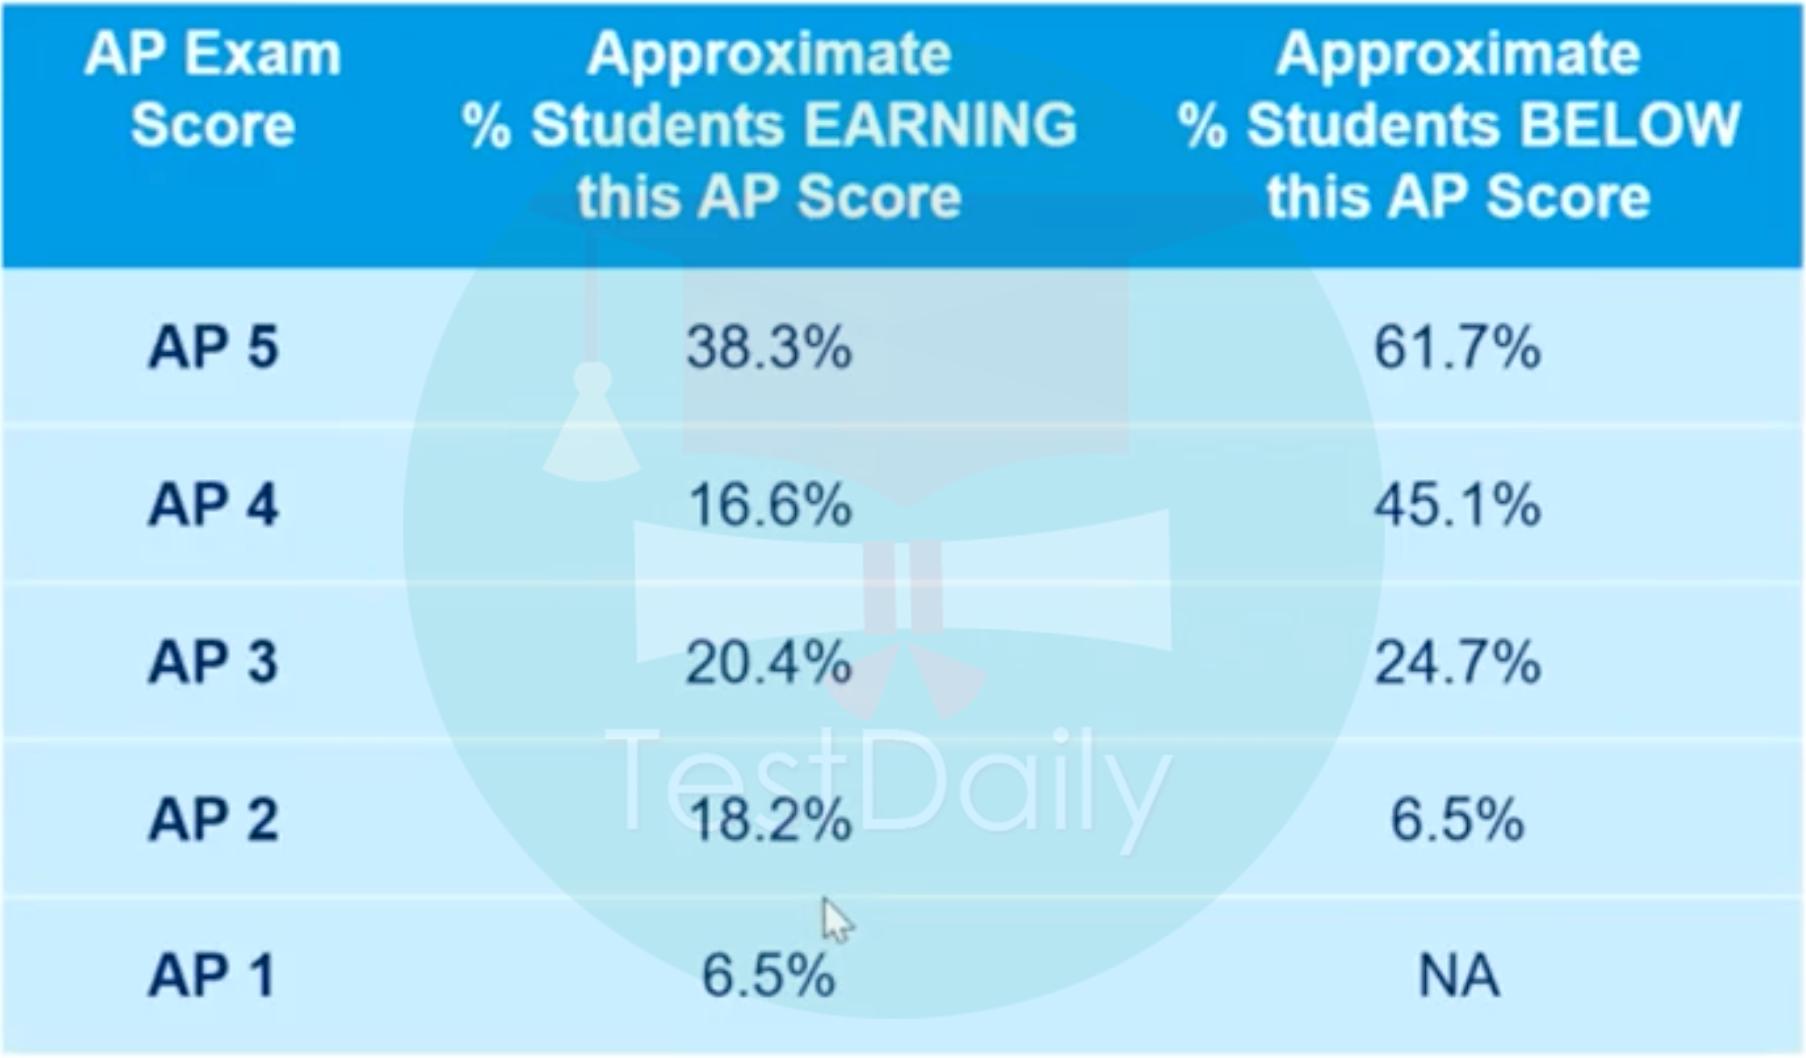 2021年AP微积分考试CB官方解读:5分率/FRQ平均分/FRQ题目答题情况分析